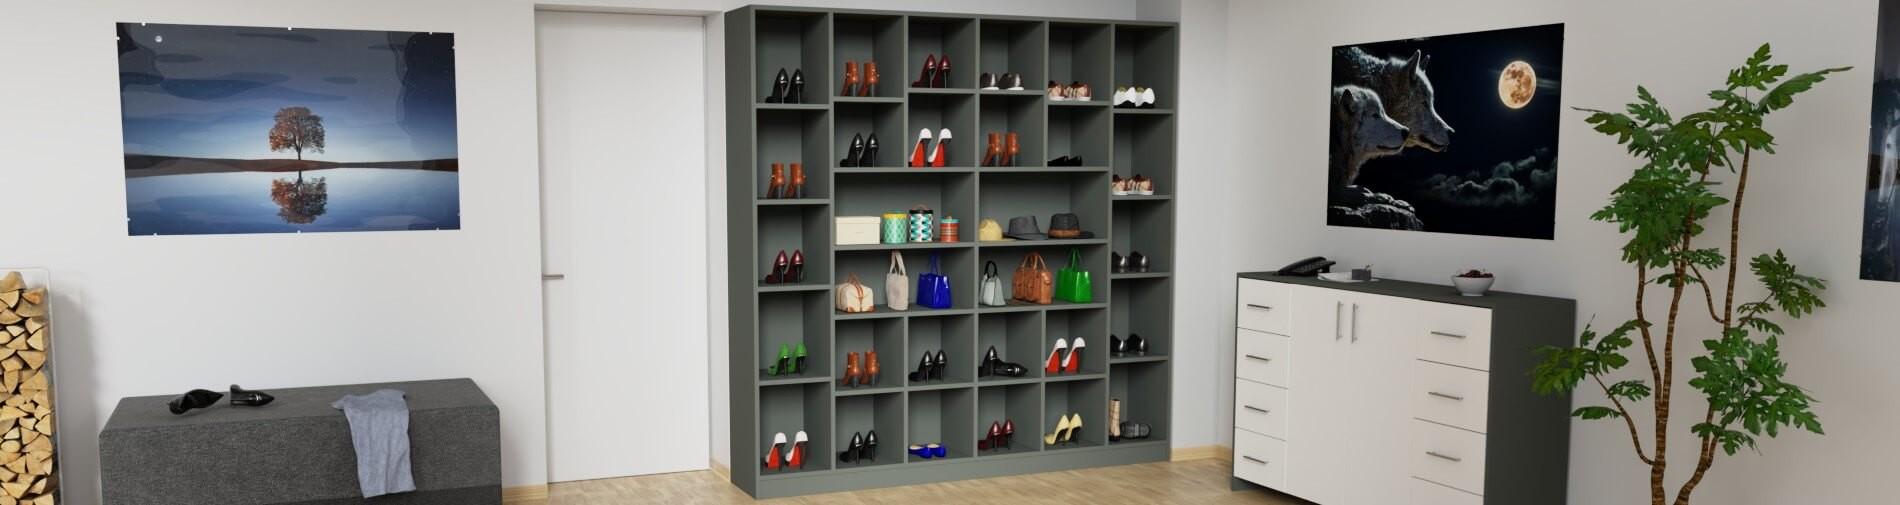 Schuhschrank nach Maß online konfigurieren | schrankplaner.de